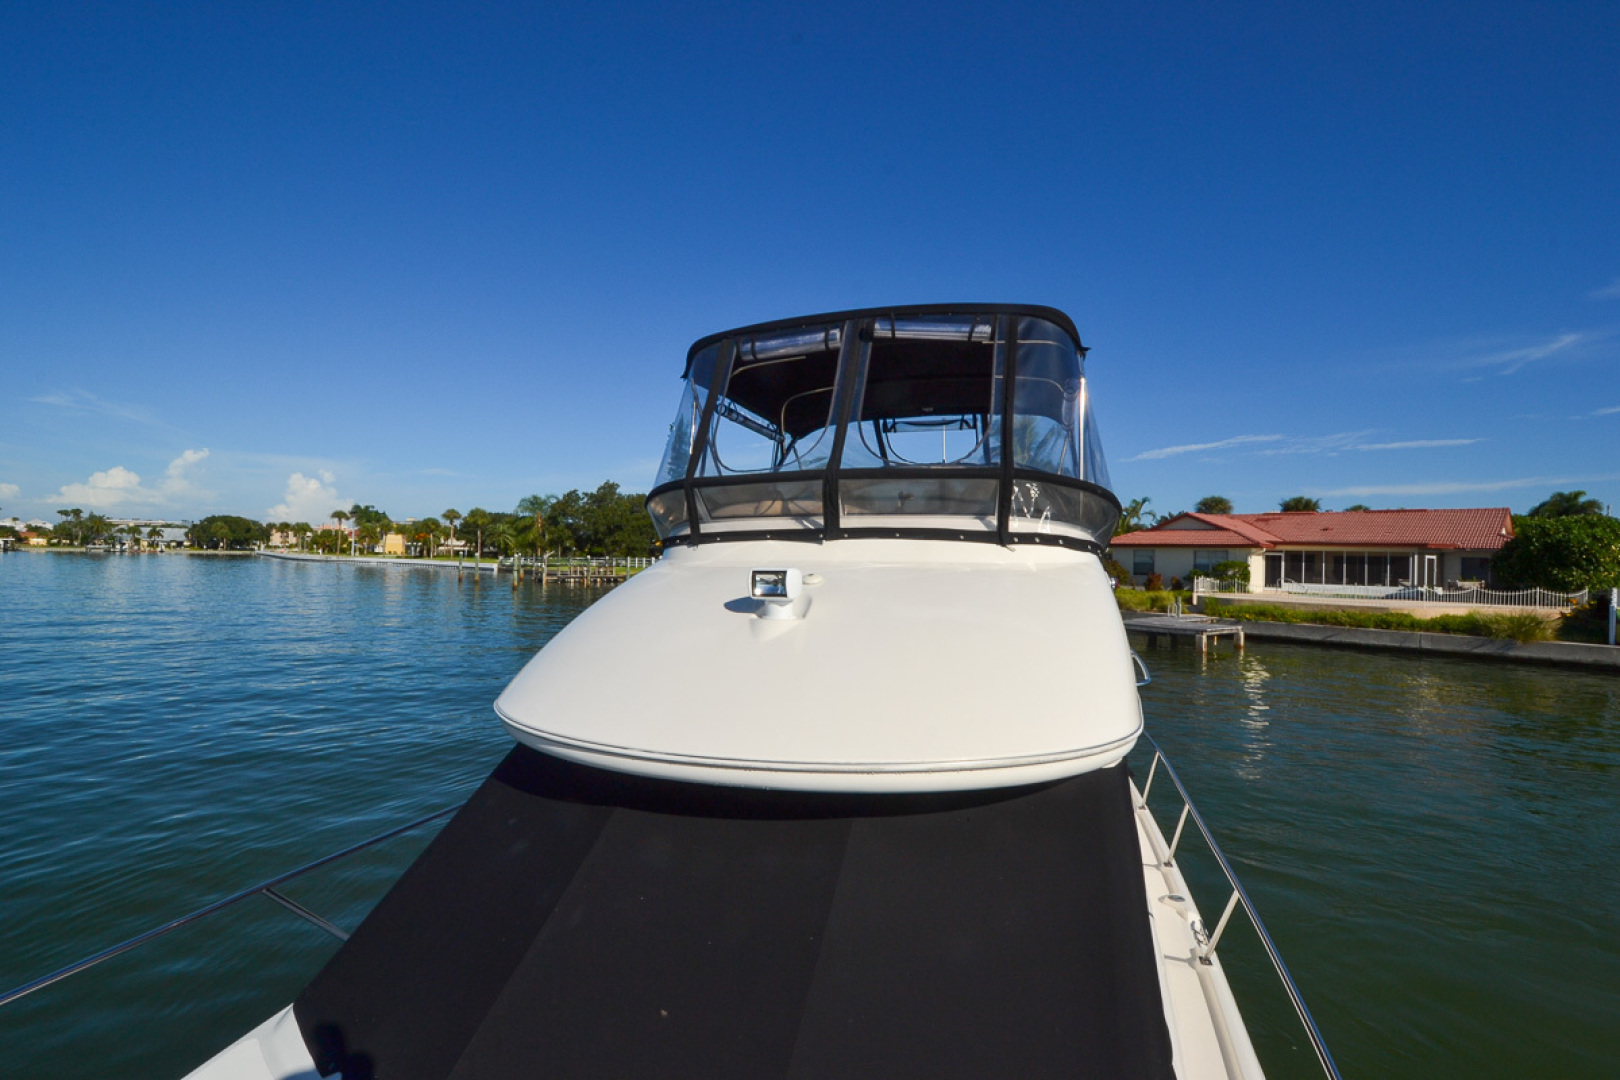 Meridian-341 Sedan 2004-Sea Harmony Belleair Beach-Florida-United States-1496615 | Thumbnail